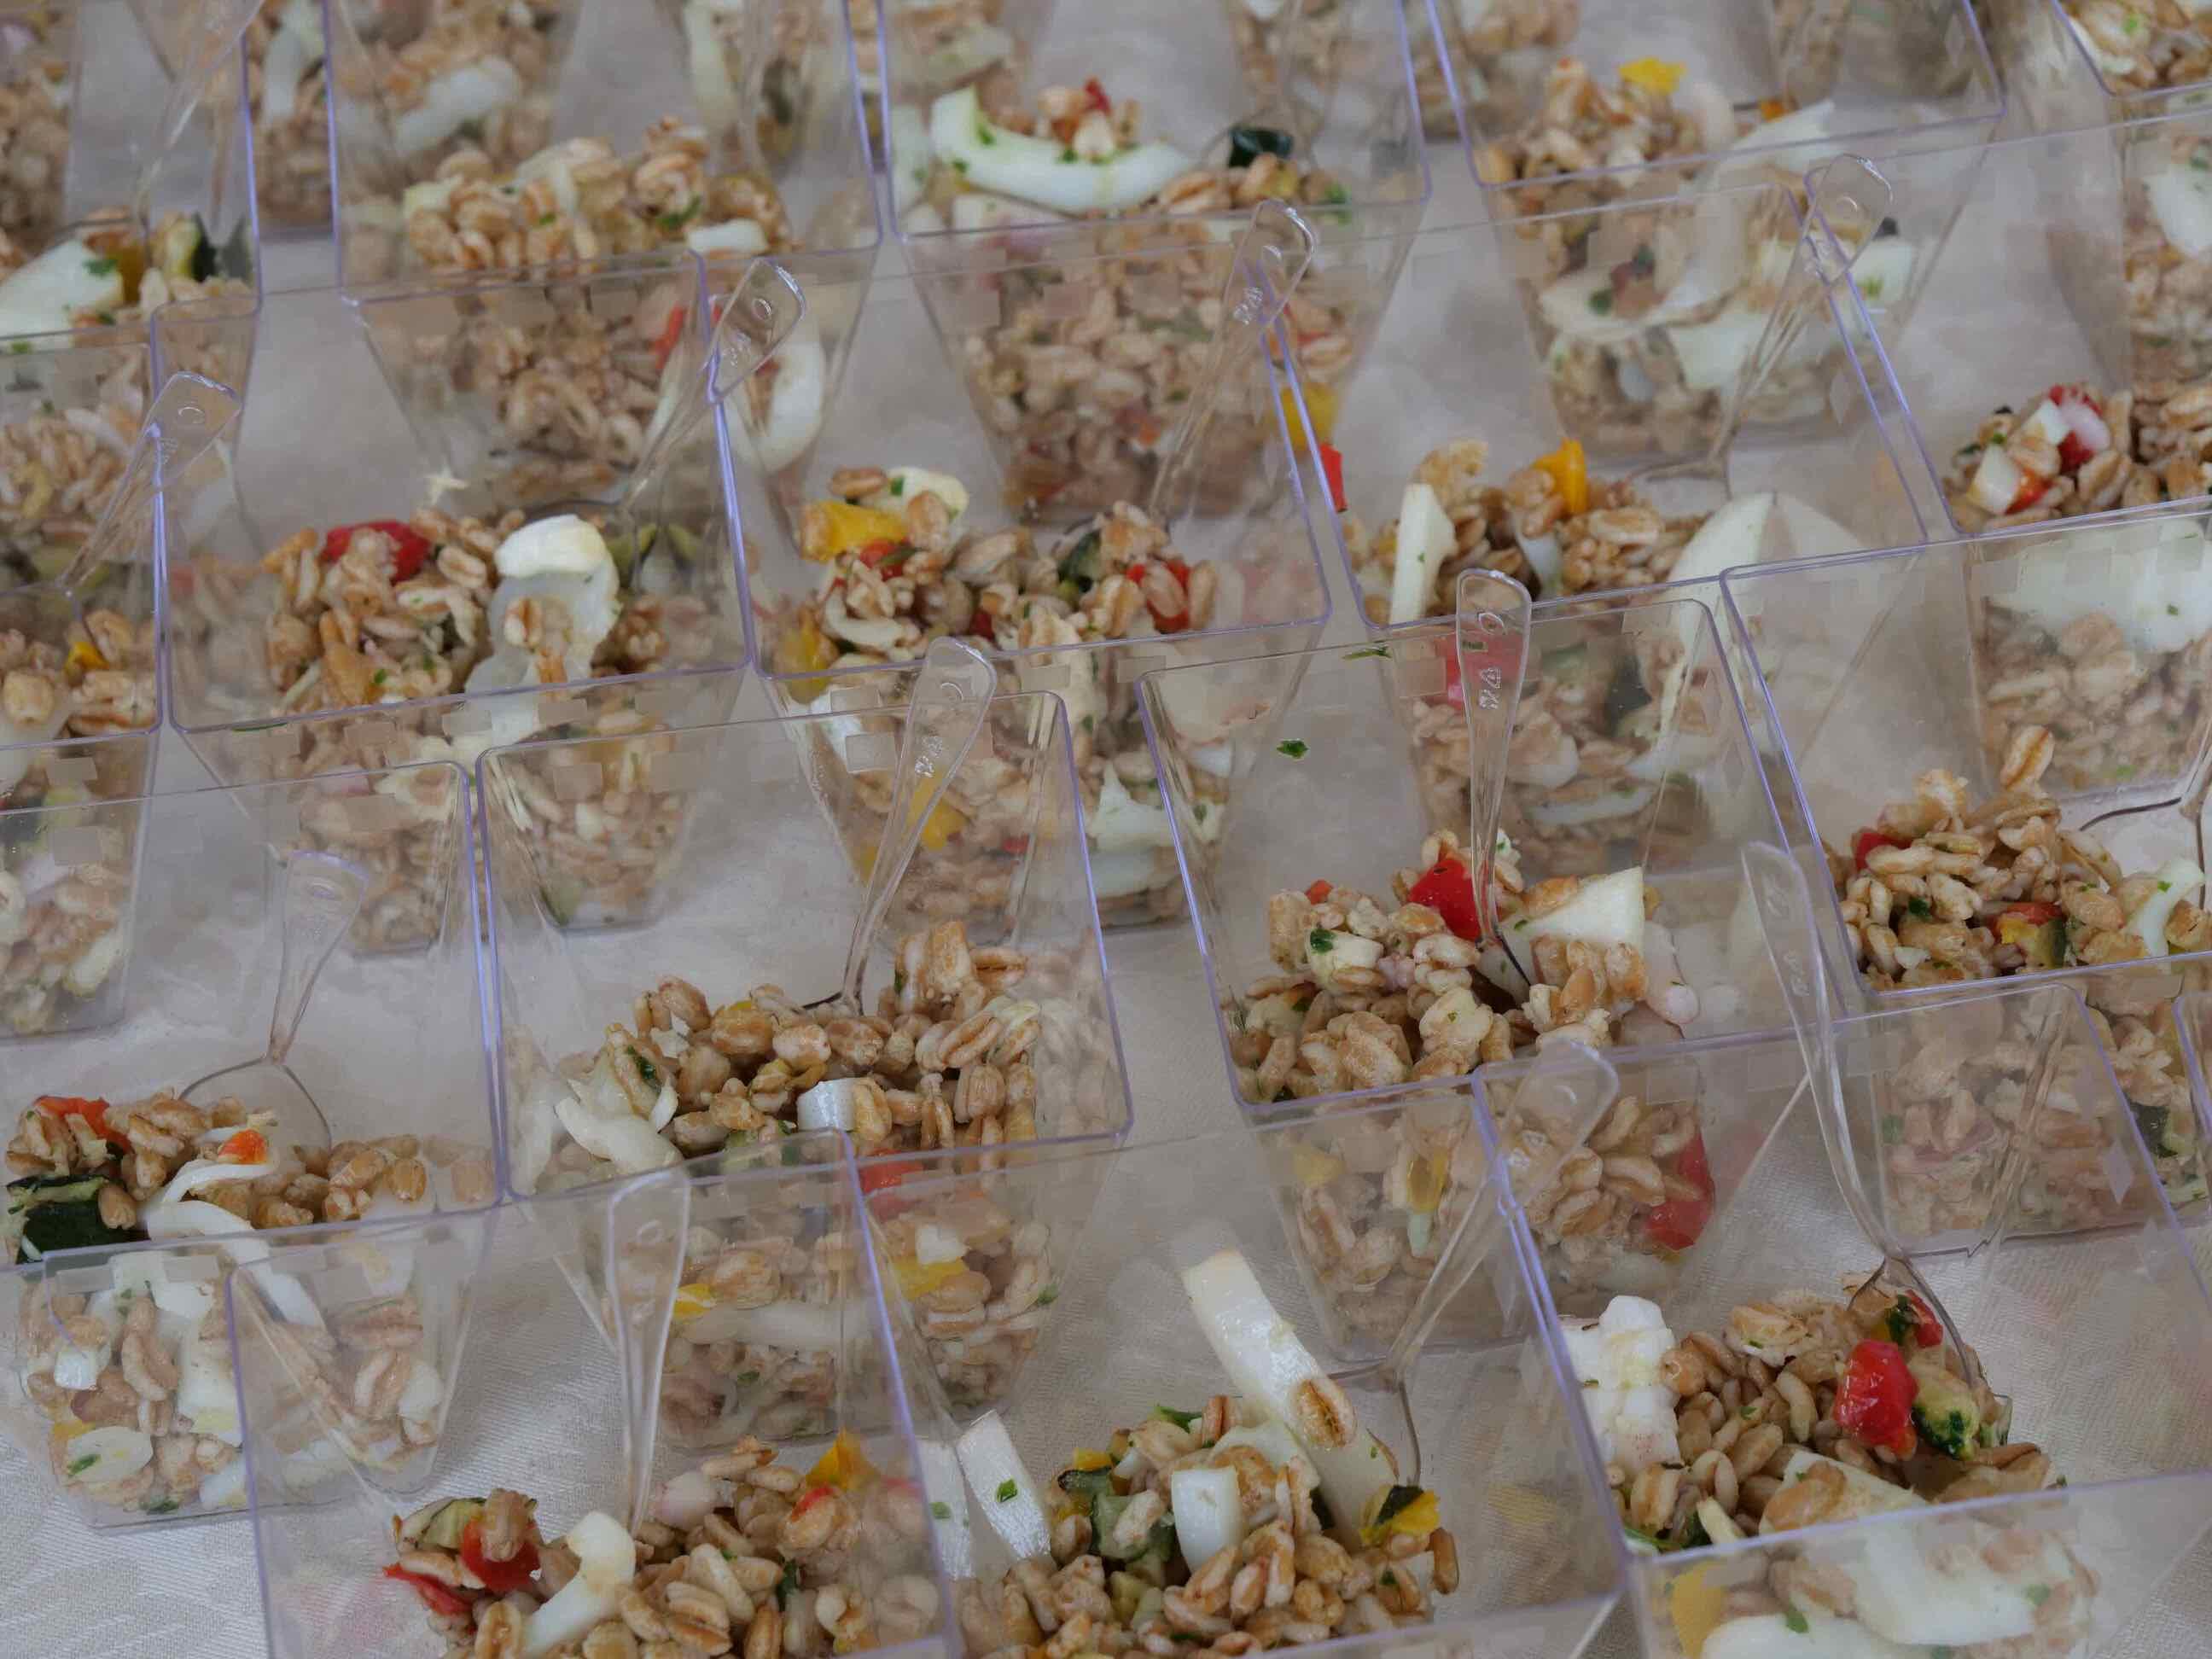 Torneo di pesto al mortaio e aperitivo di beneficienza a cura della Scuola Alberghiera di Lavagna - 7